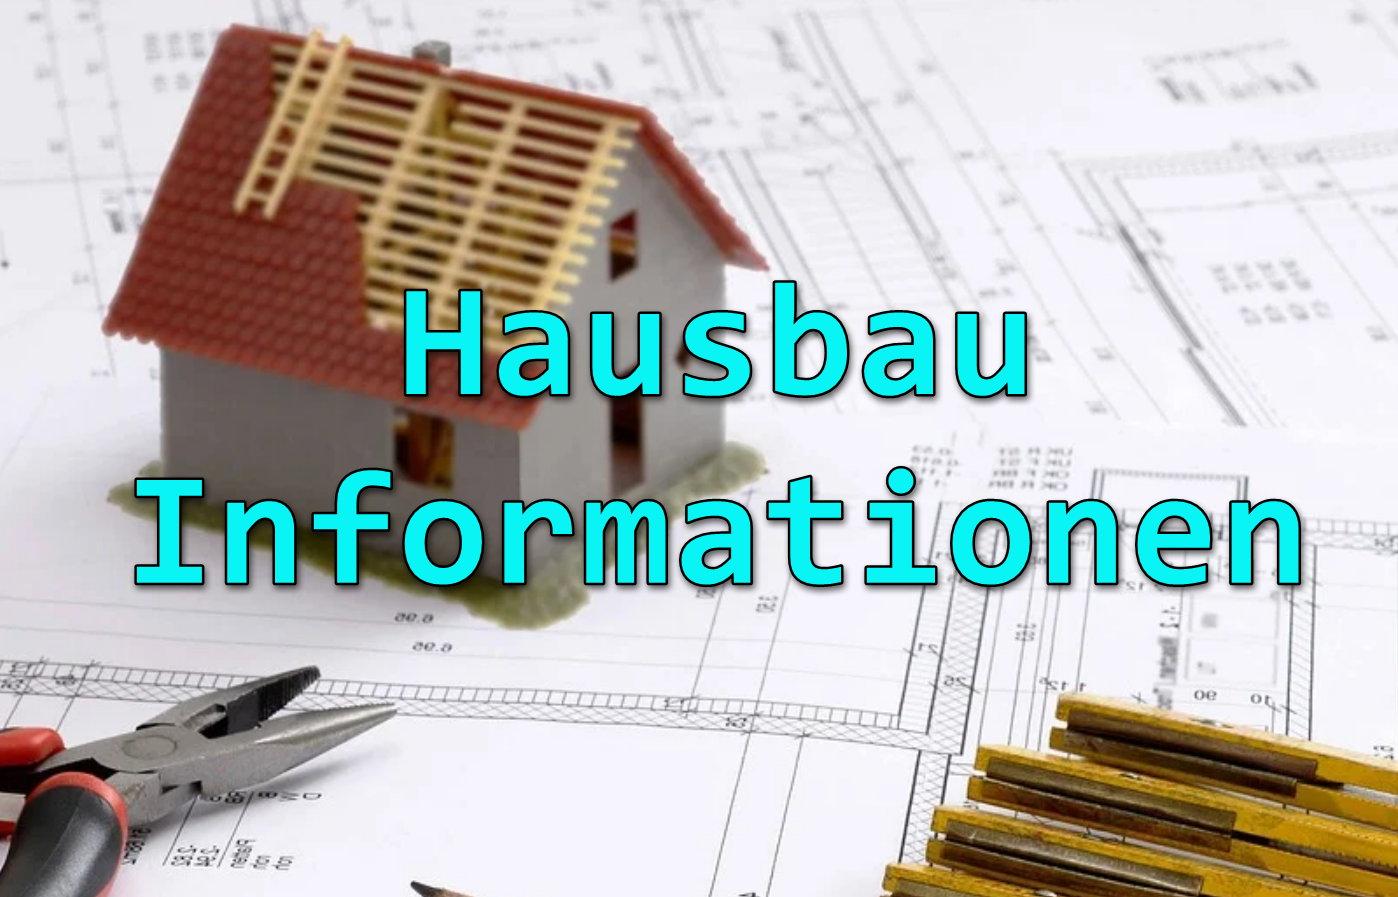 Hausbau Beton Informationen